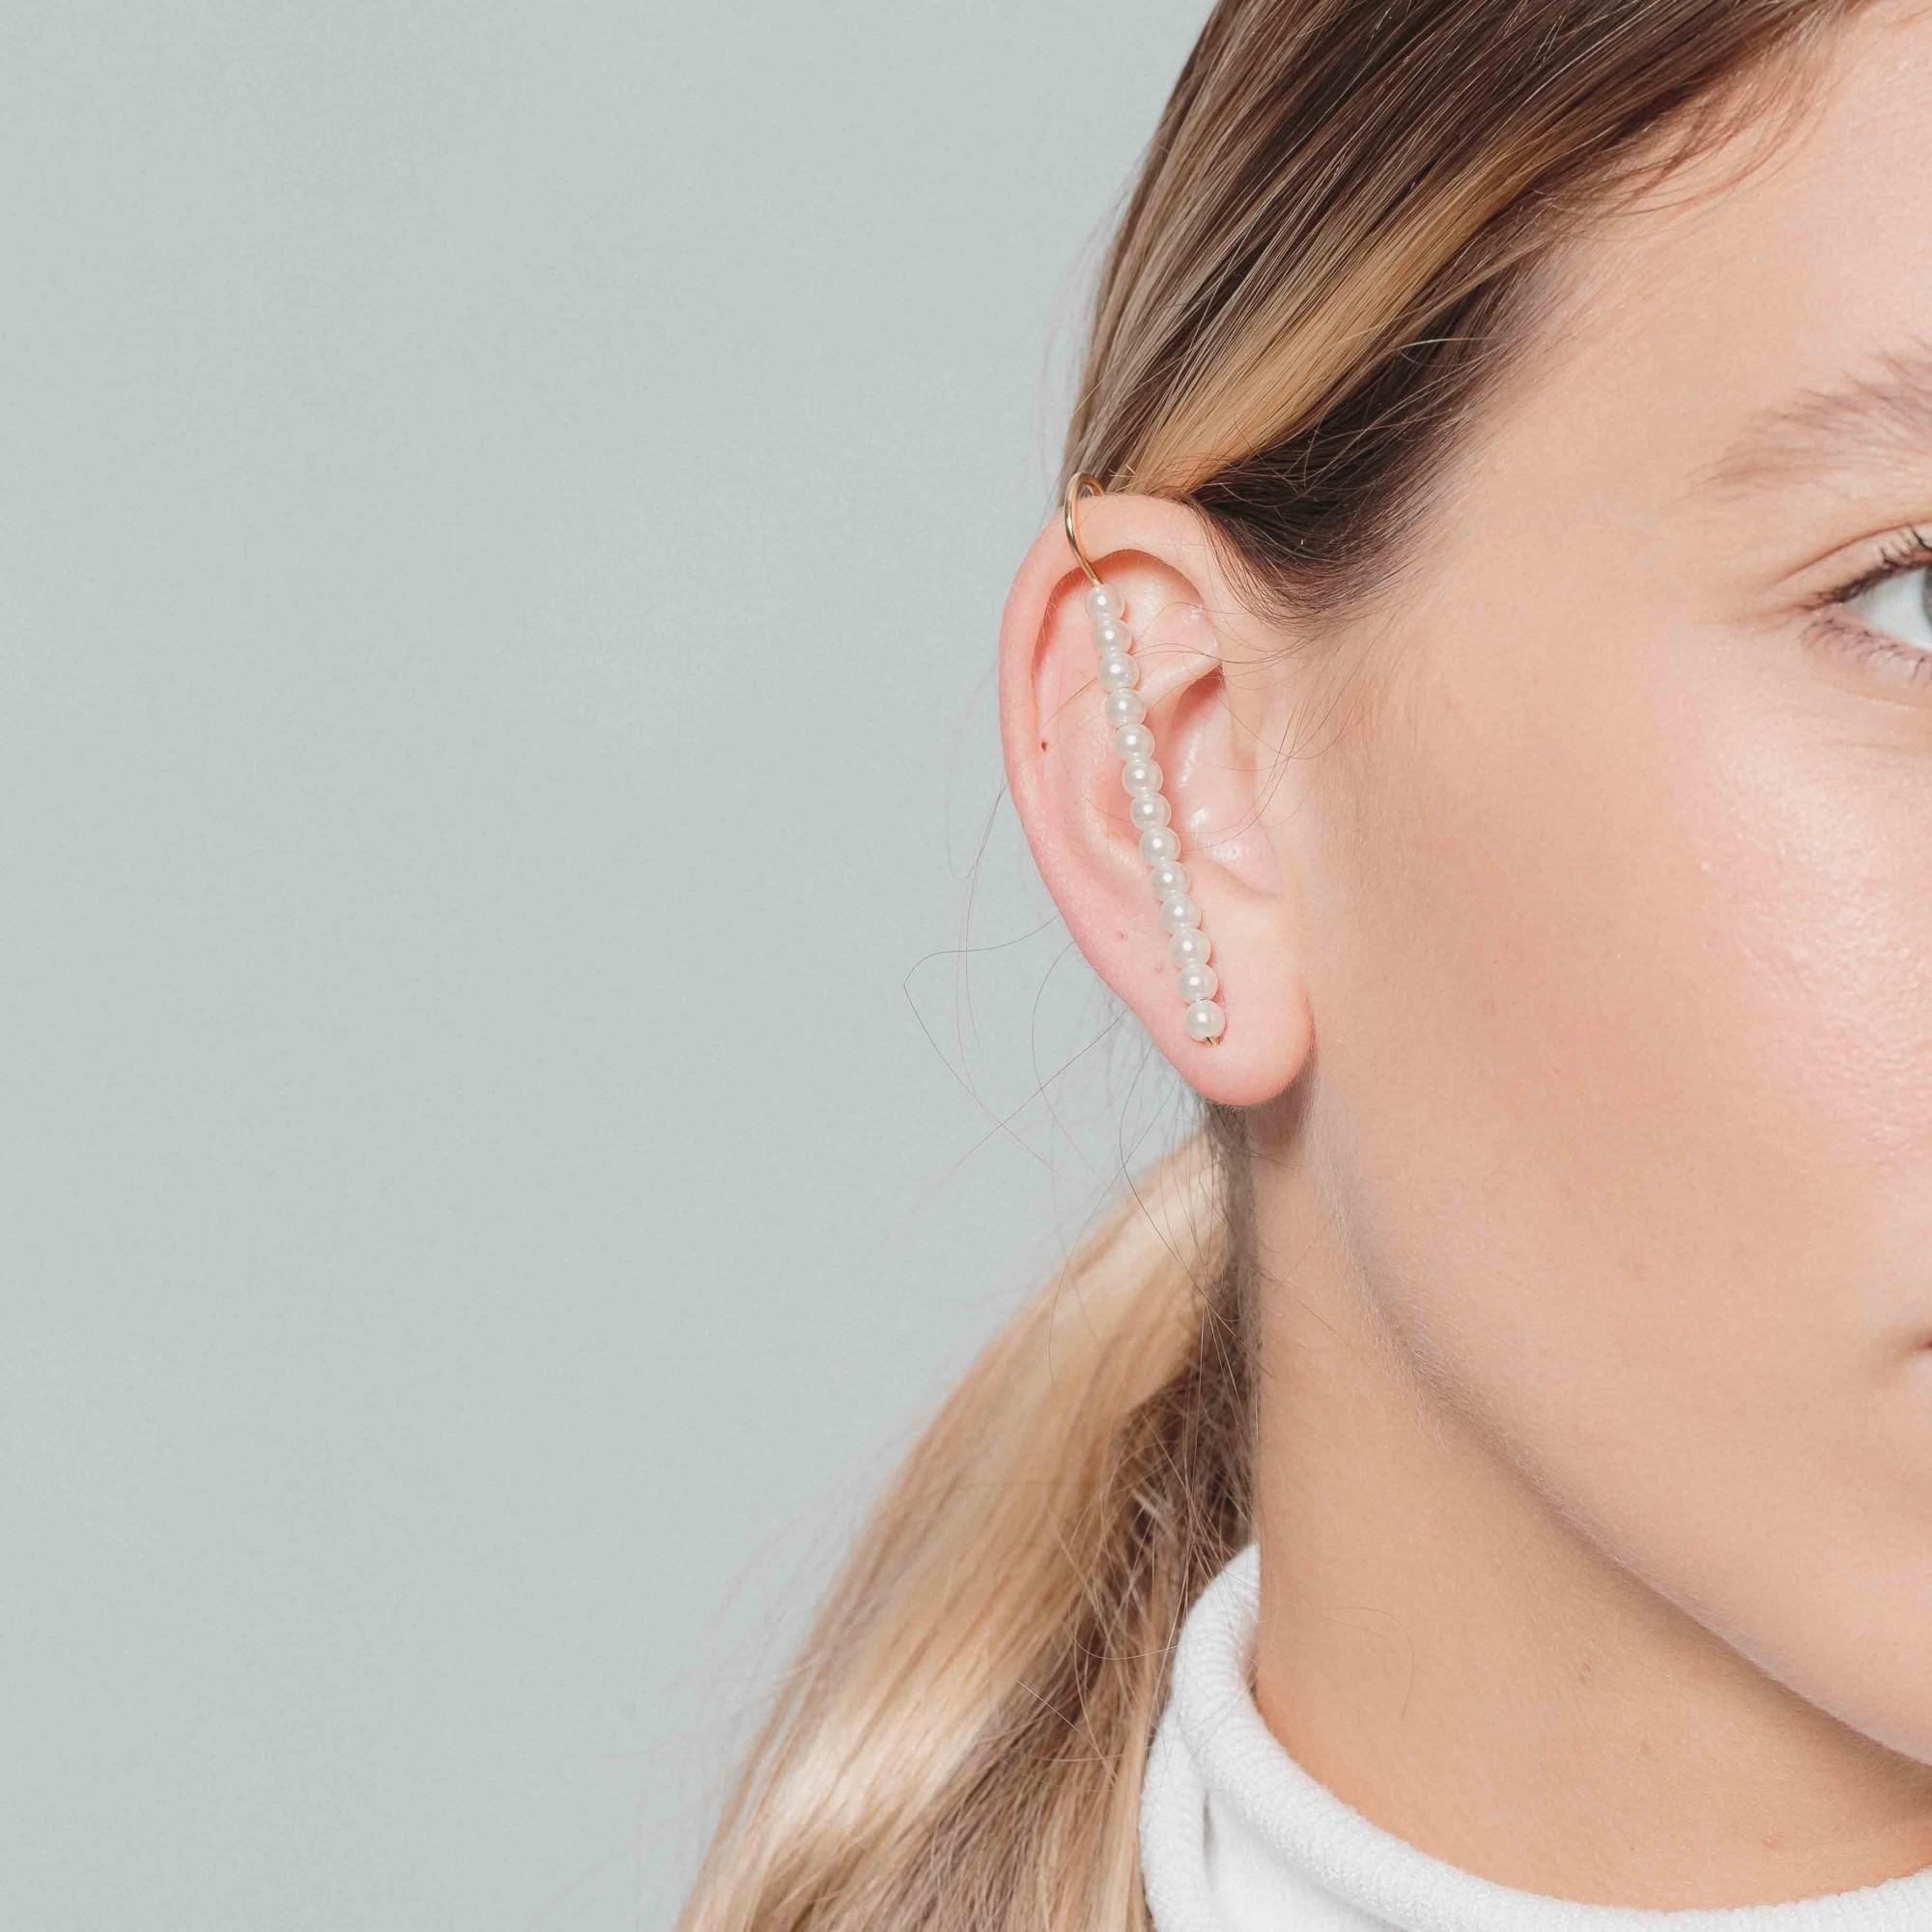 Brinco ear cuff pérolas banhado a ouro 18k  - bfdecor.com.br